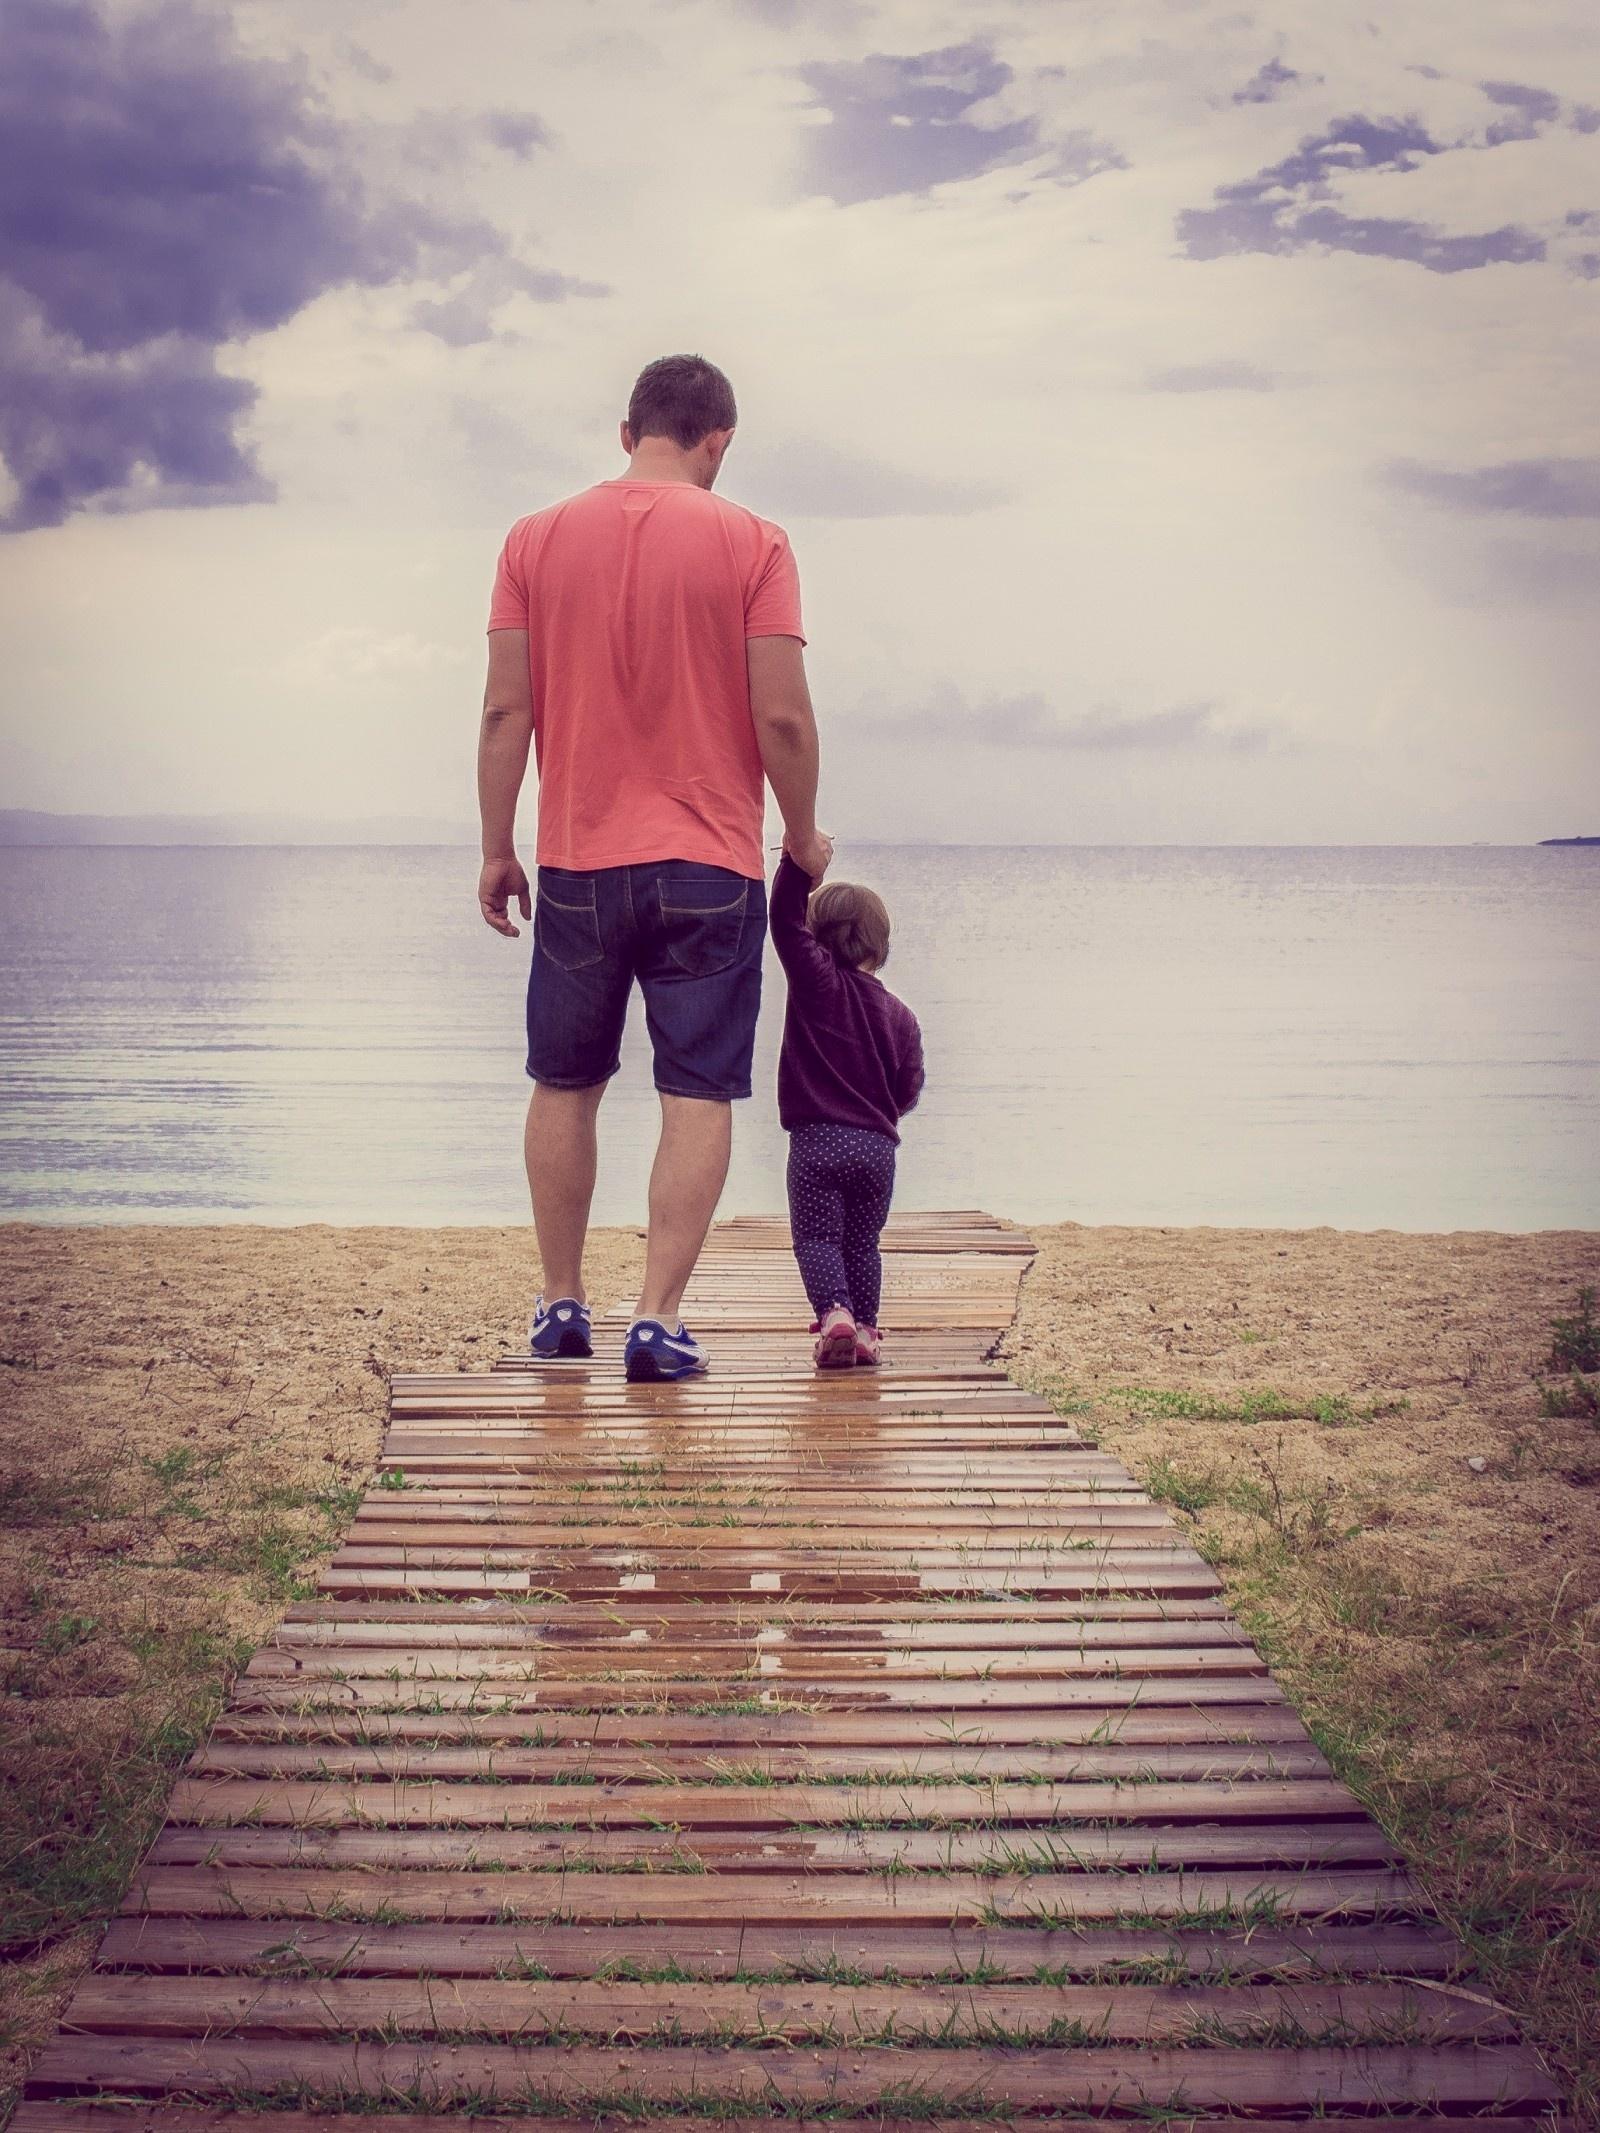 Am 25. Mai ist Vatertag